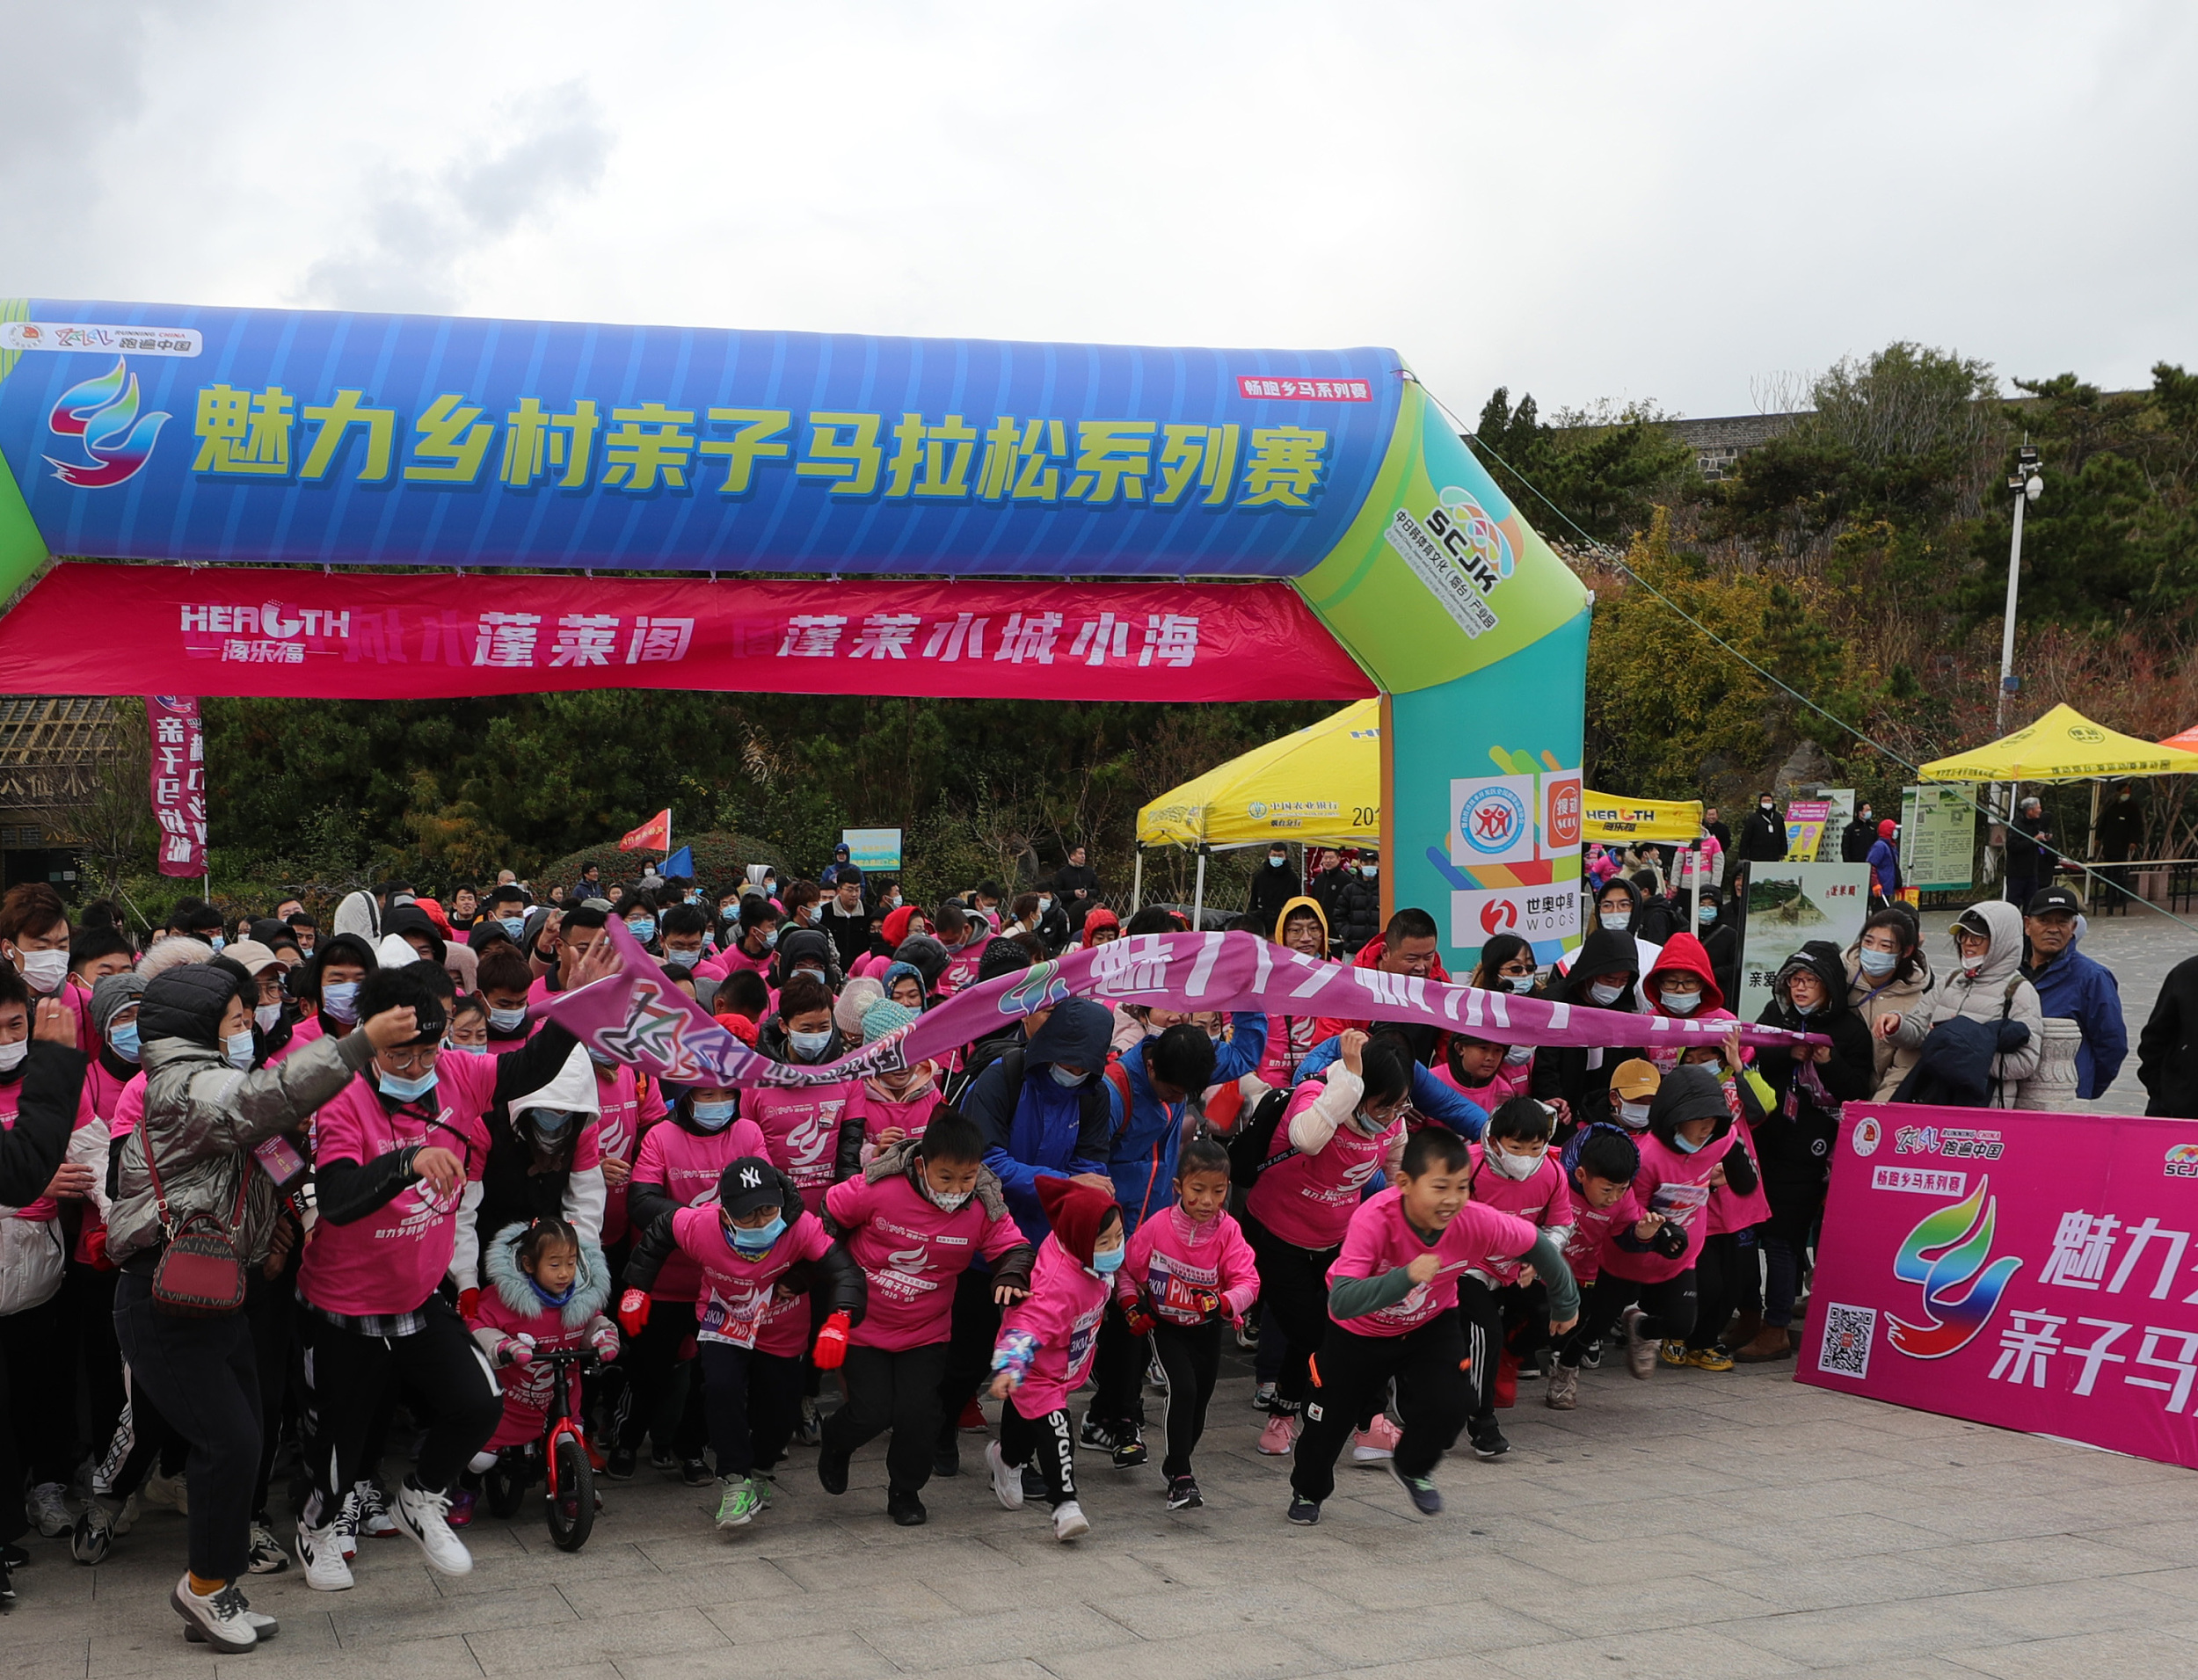 烟台市第三届魅力乡村亲子马拉松系列赛举行